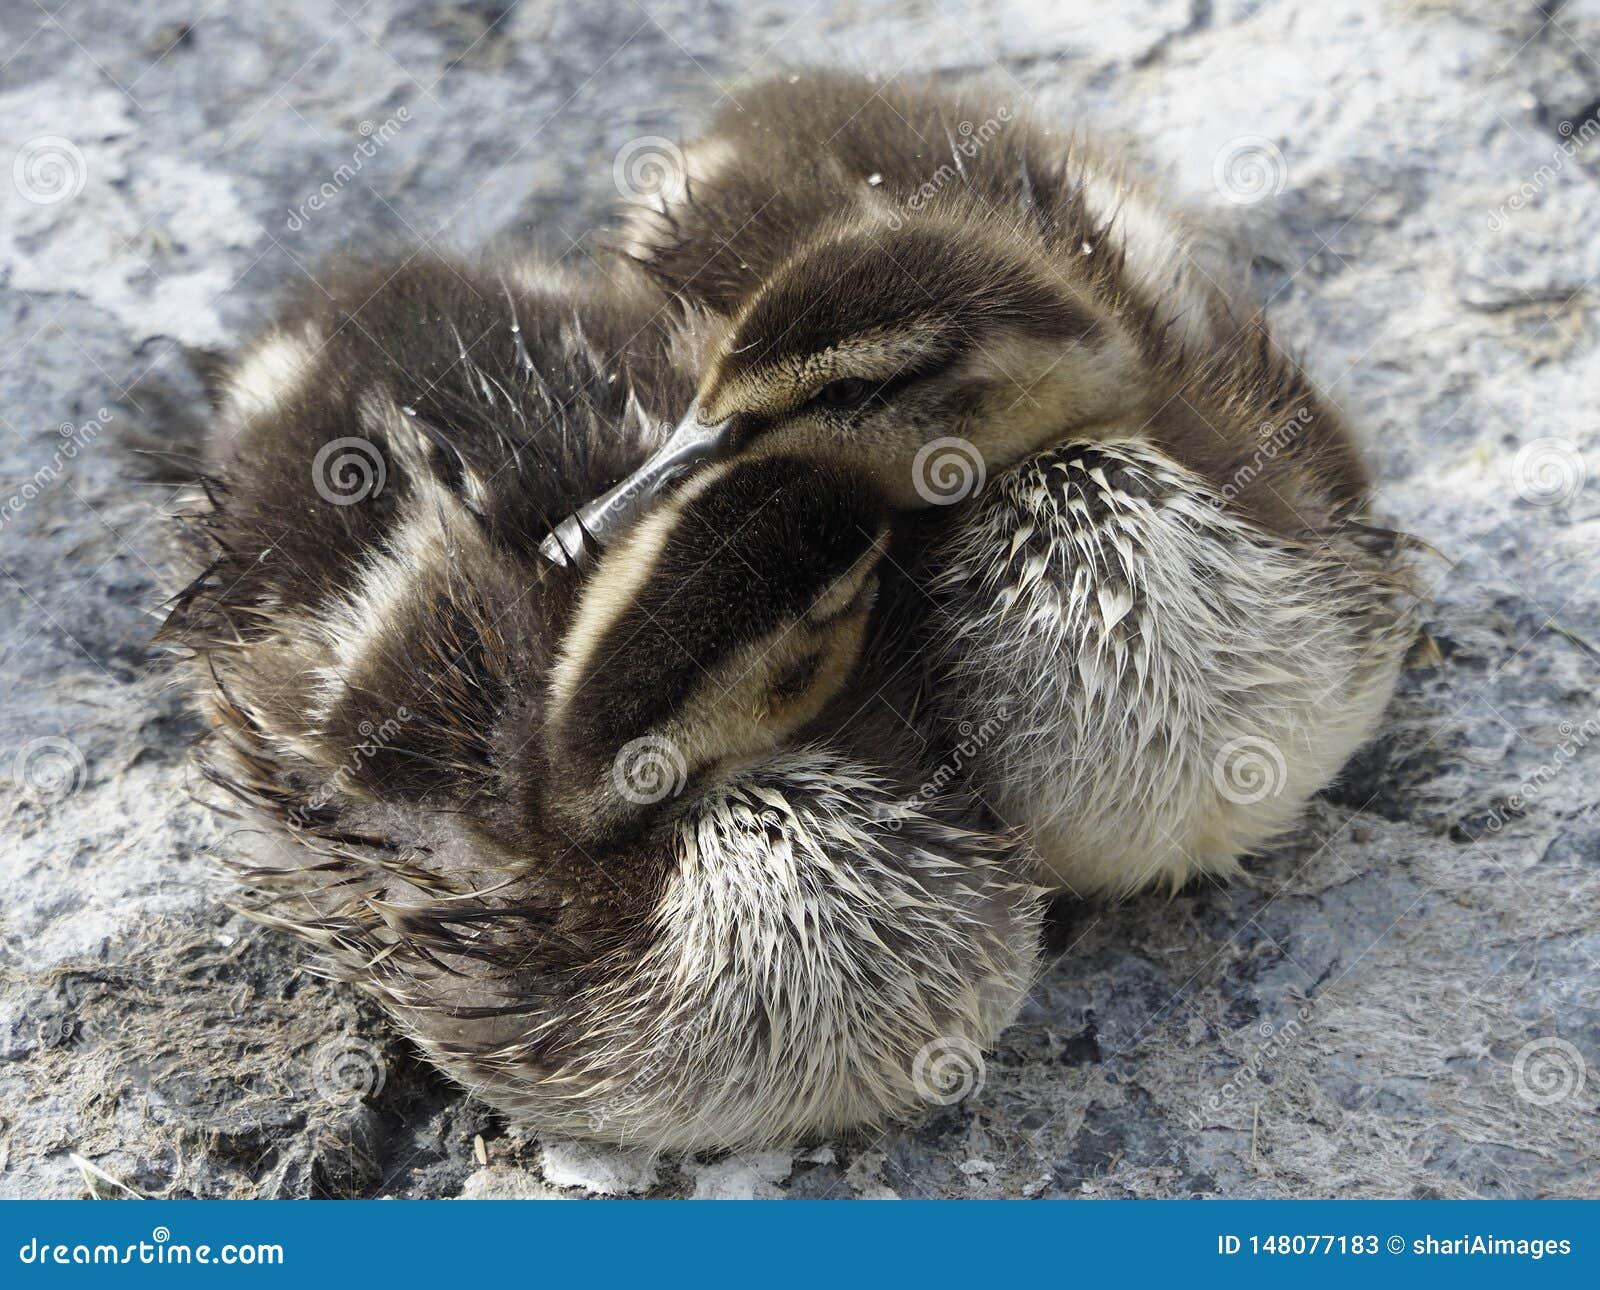 Two cute ducklings Mallard Ducks cuddled together